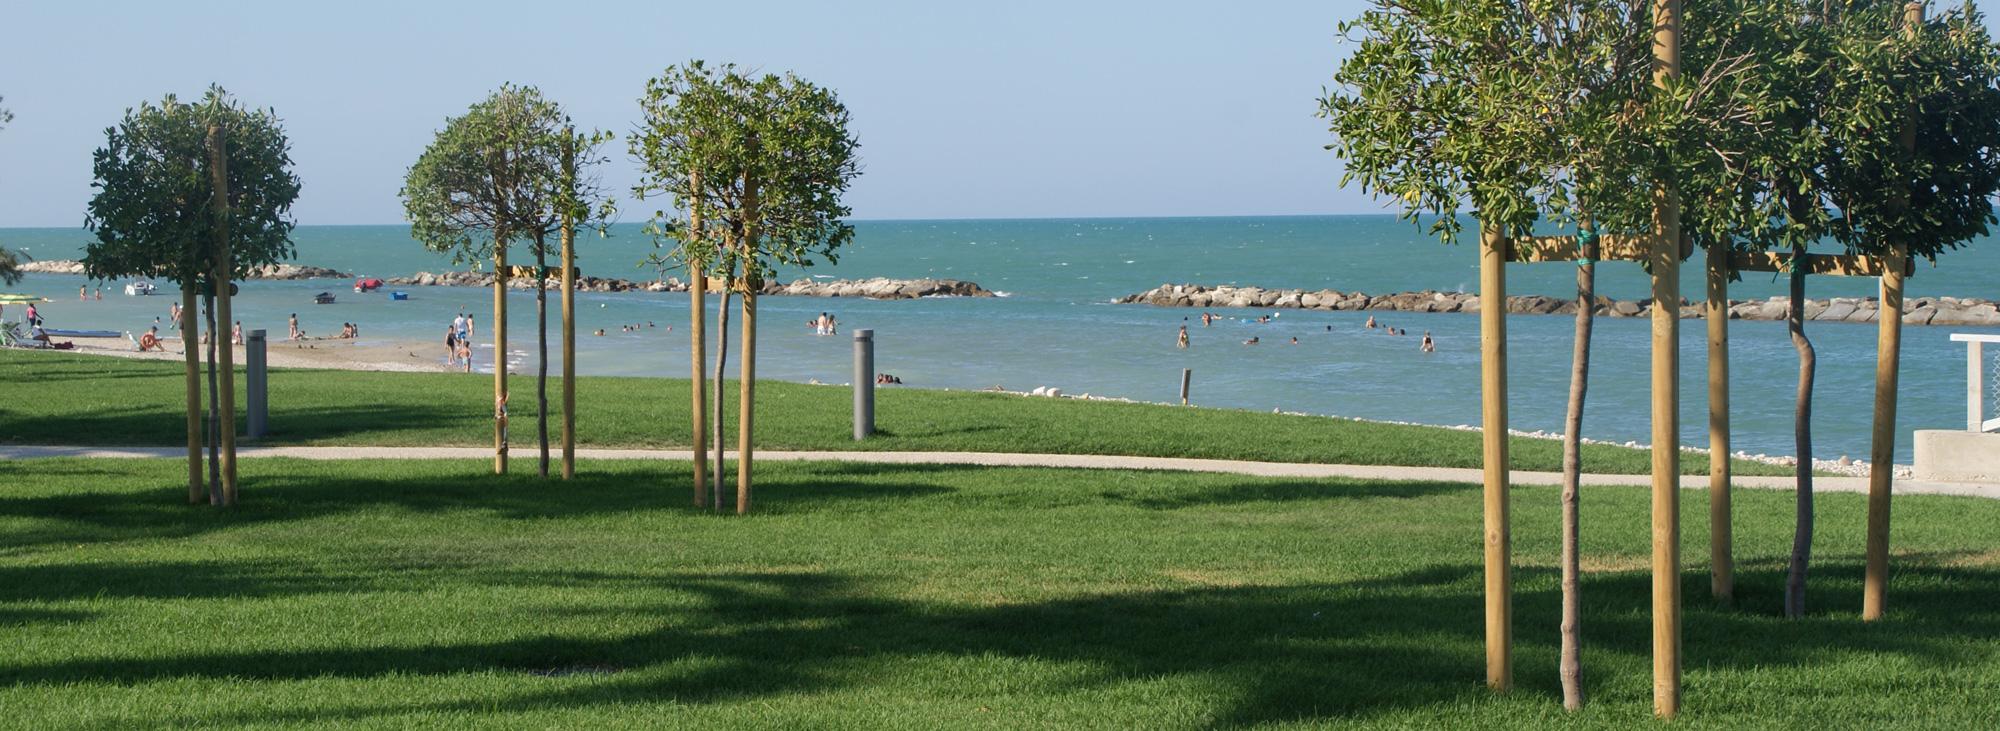 Un giardino sul mare